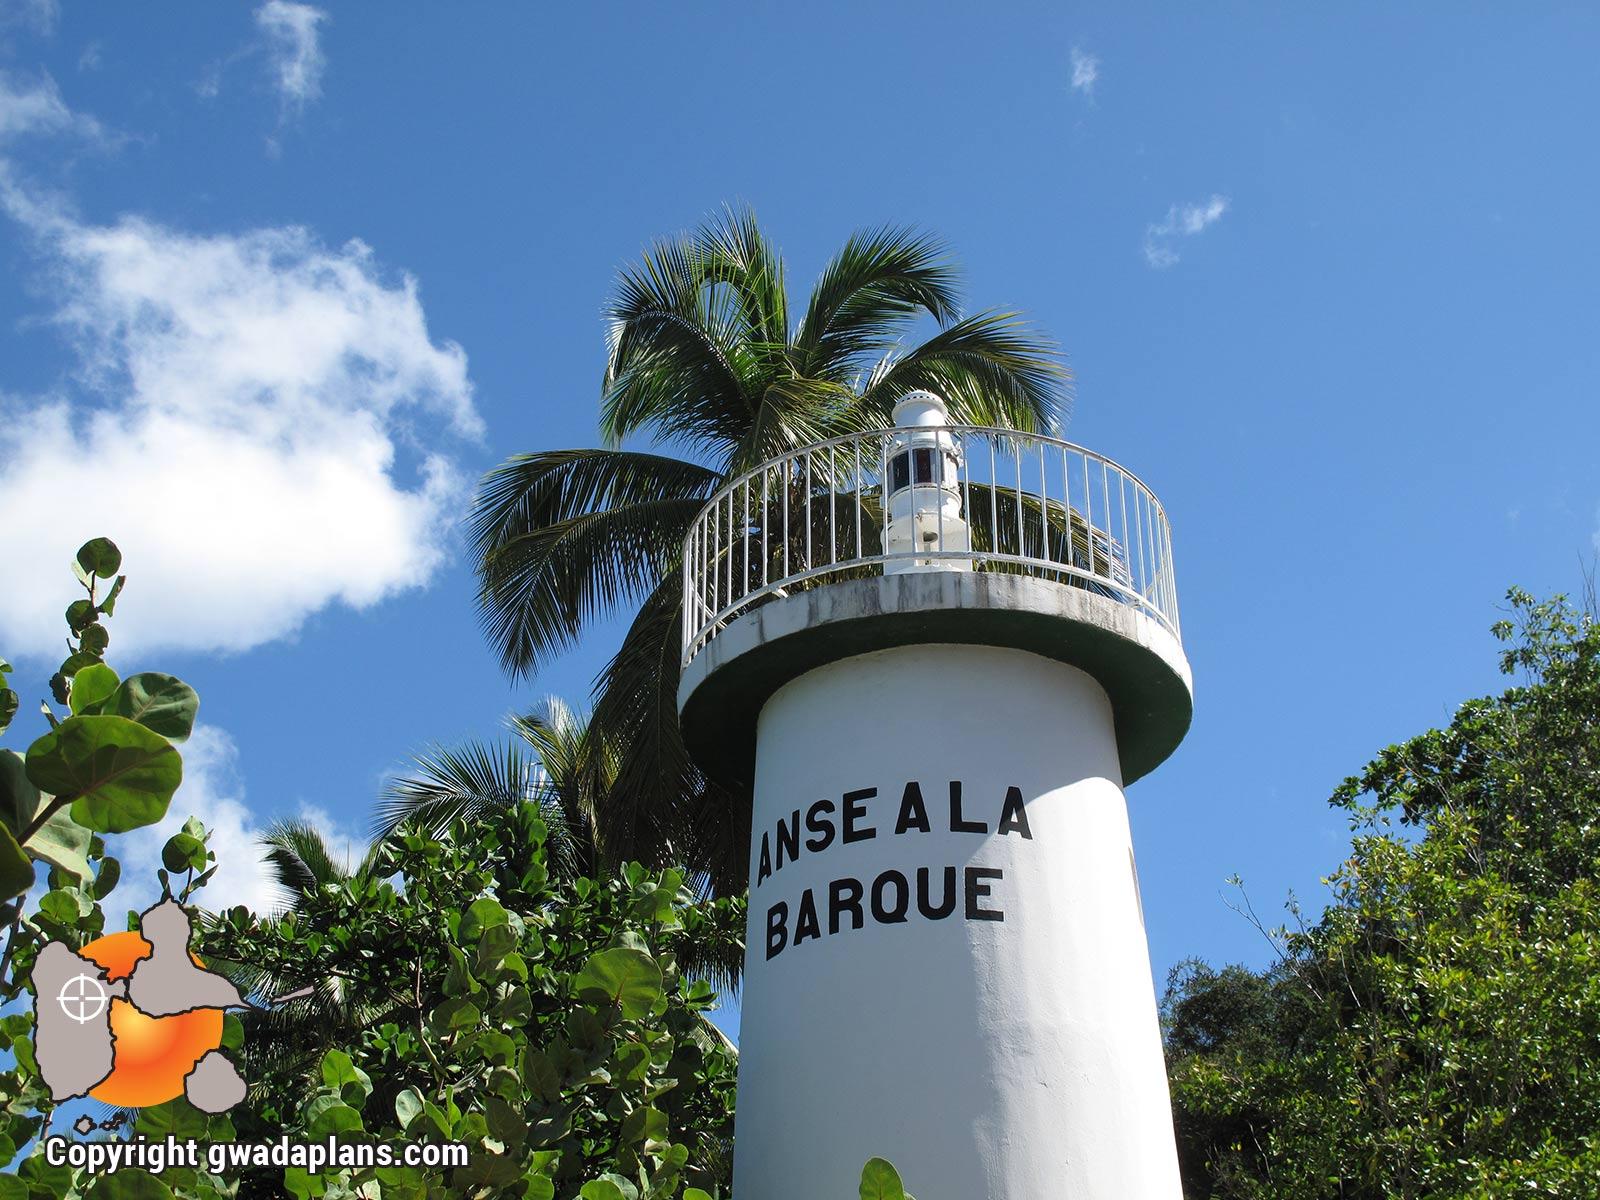 Le phare de l'Anse à la Barque, coté Vieux Habitants